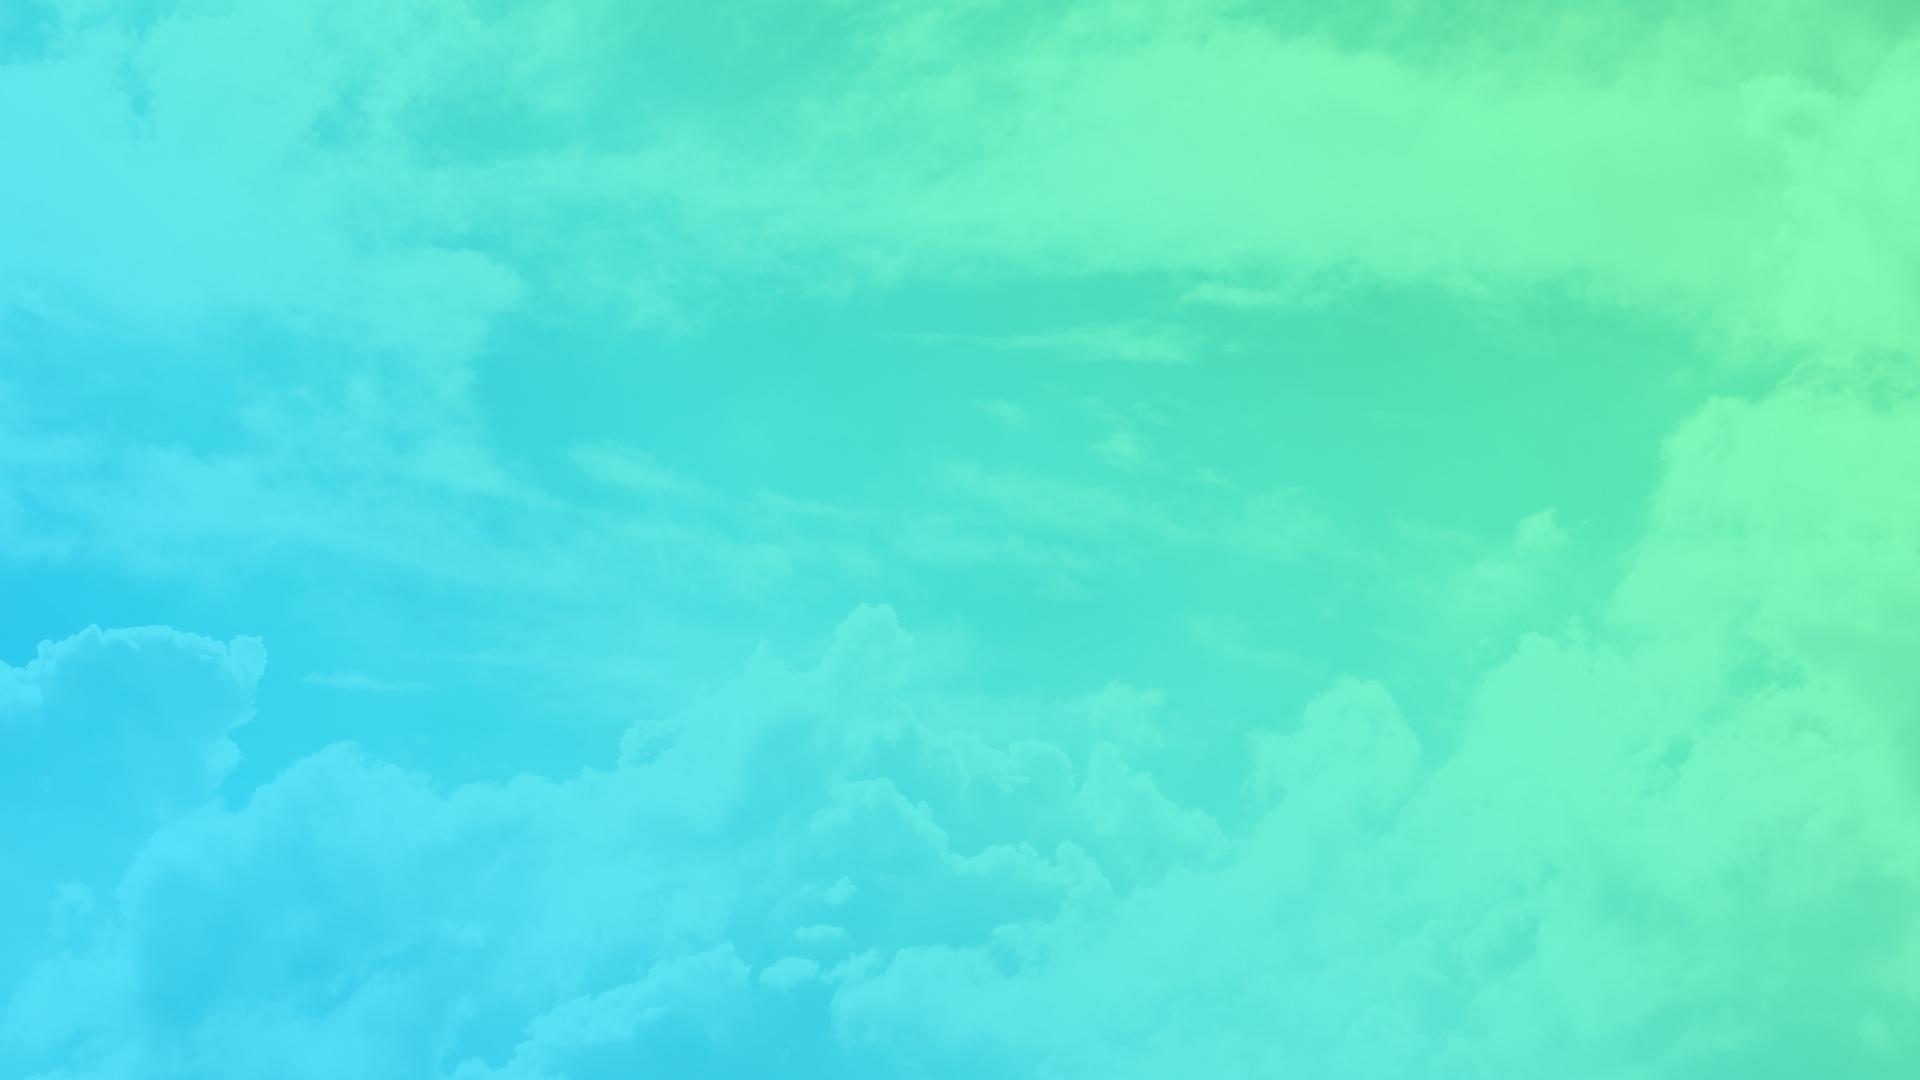 bg-prlx-big-sky